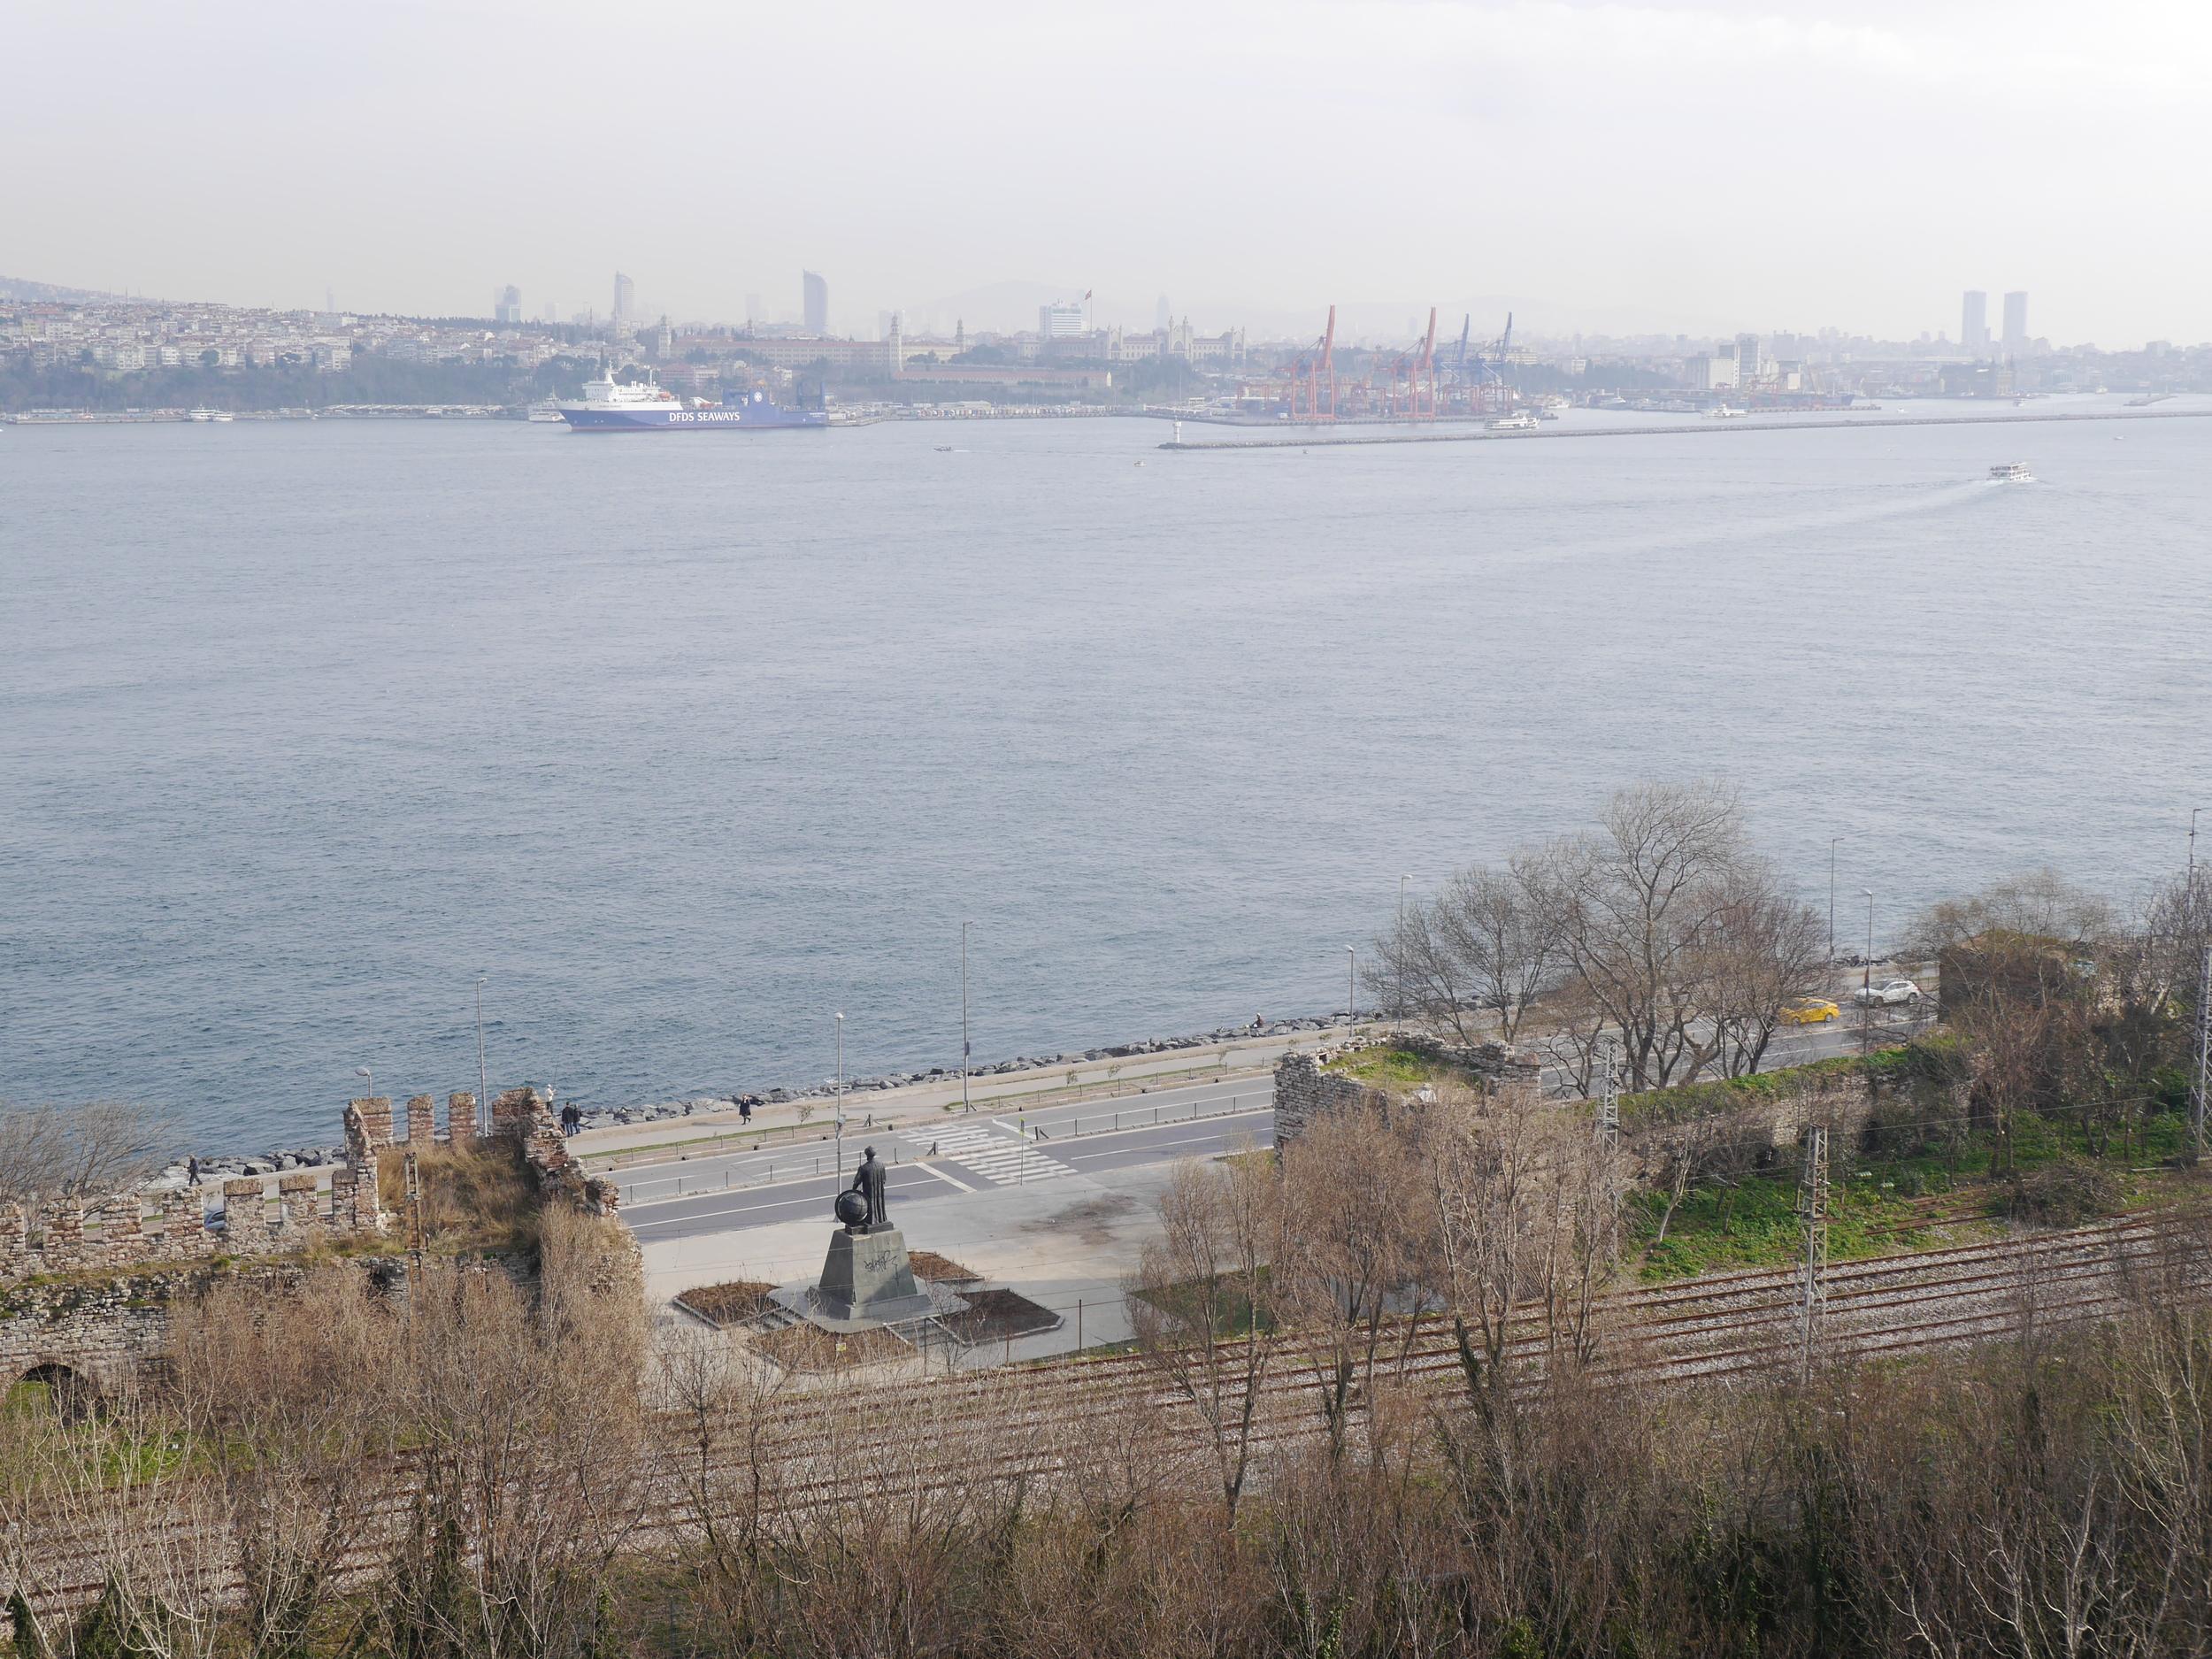 Looking across the Bosphorus.